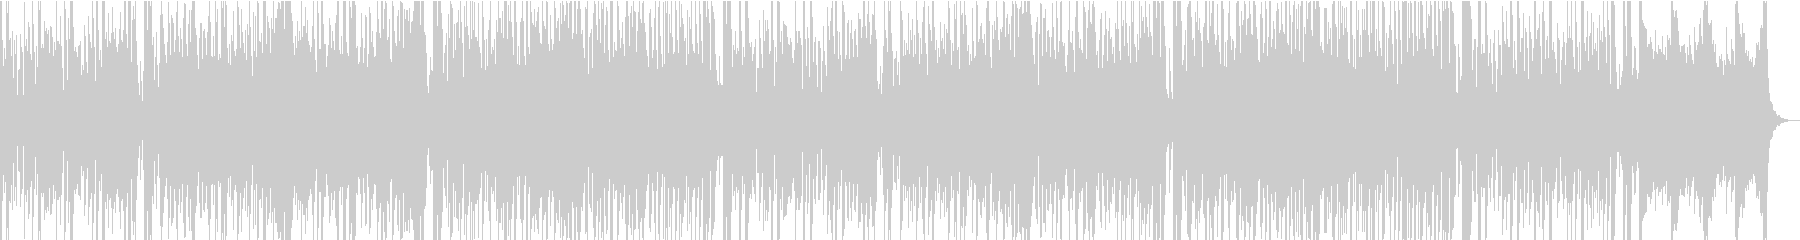 13秒でサビ、おだやか/カラオケの未再生の波形